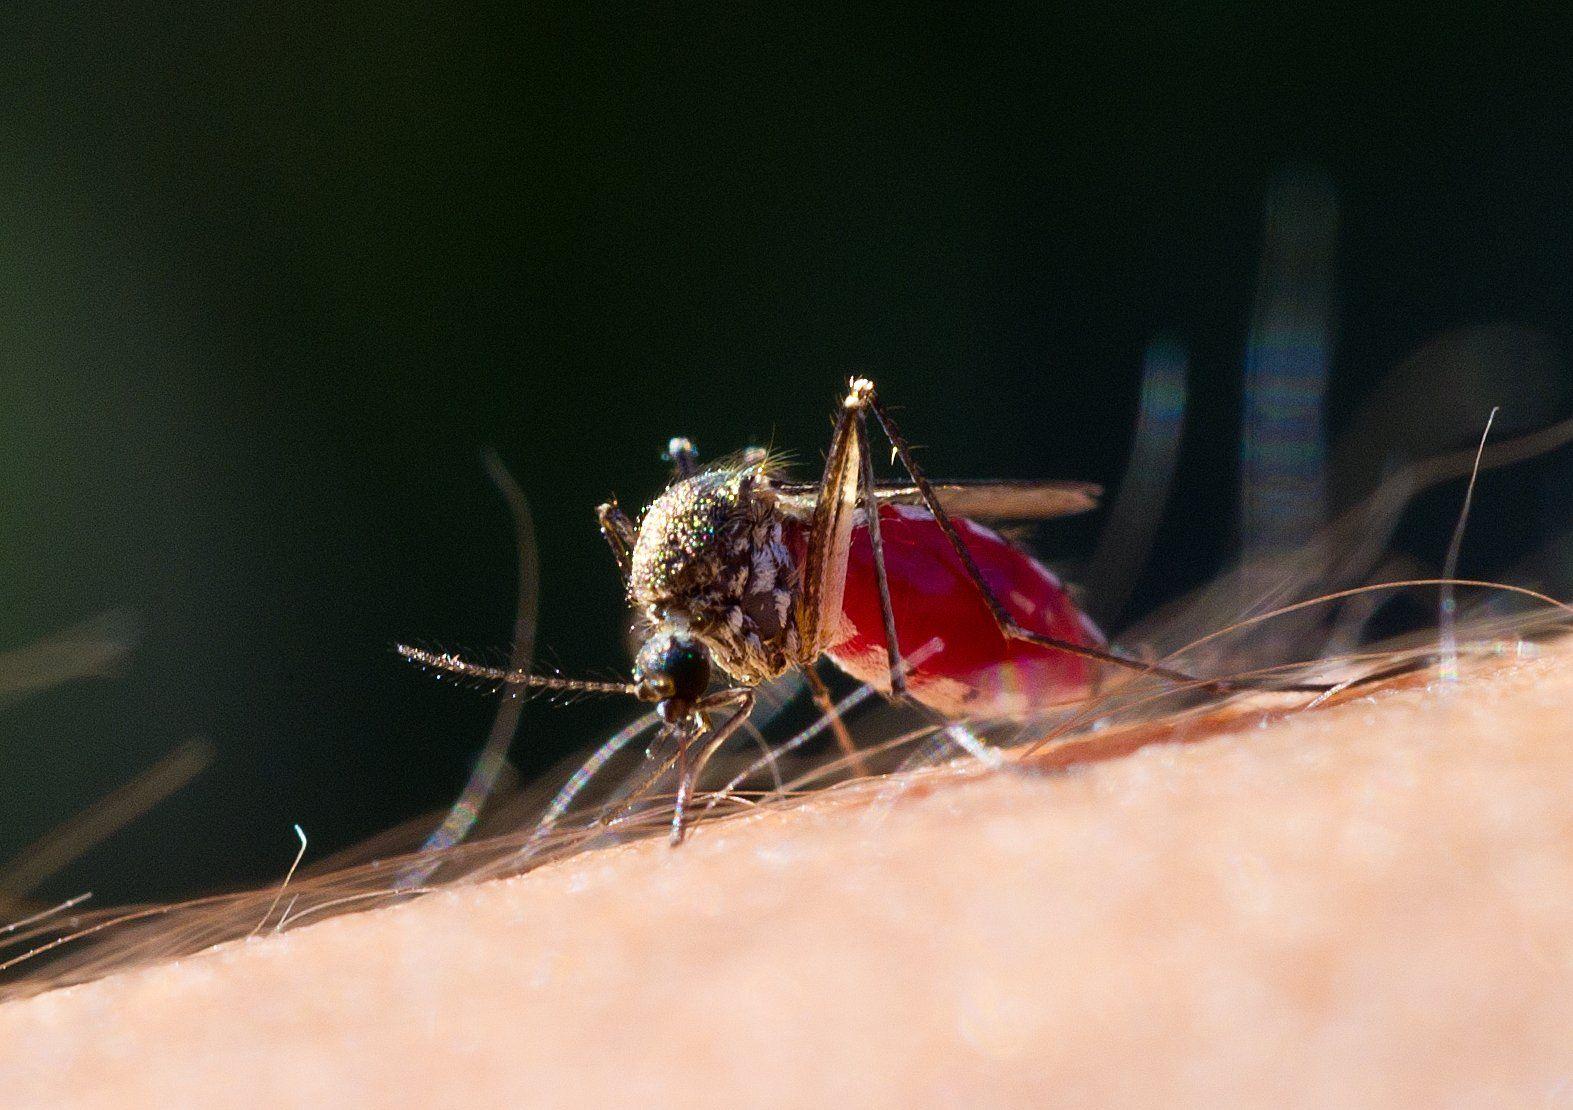 Mückenstiche Gefährlich